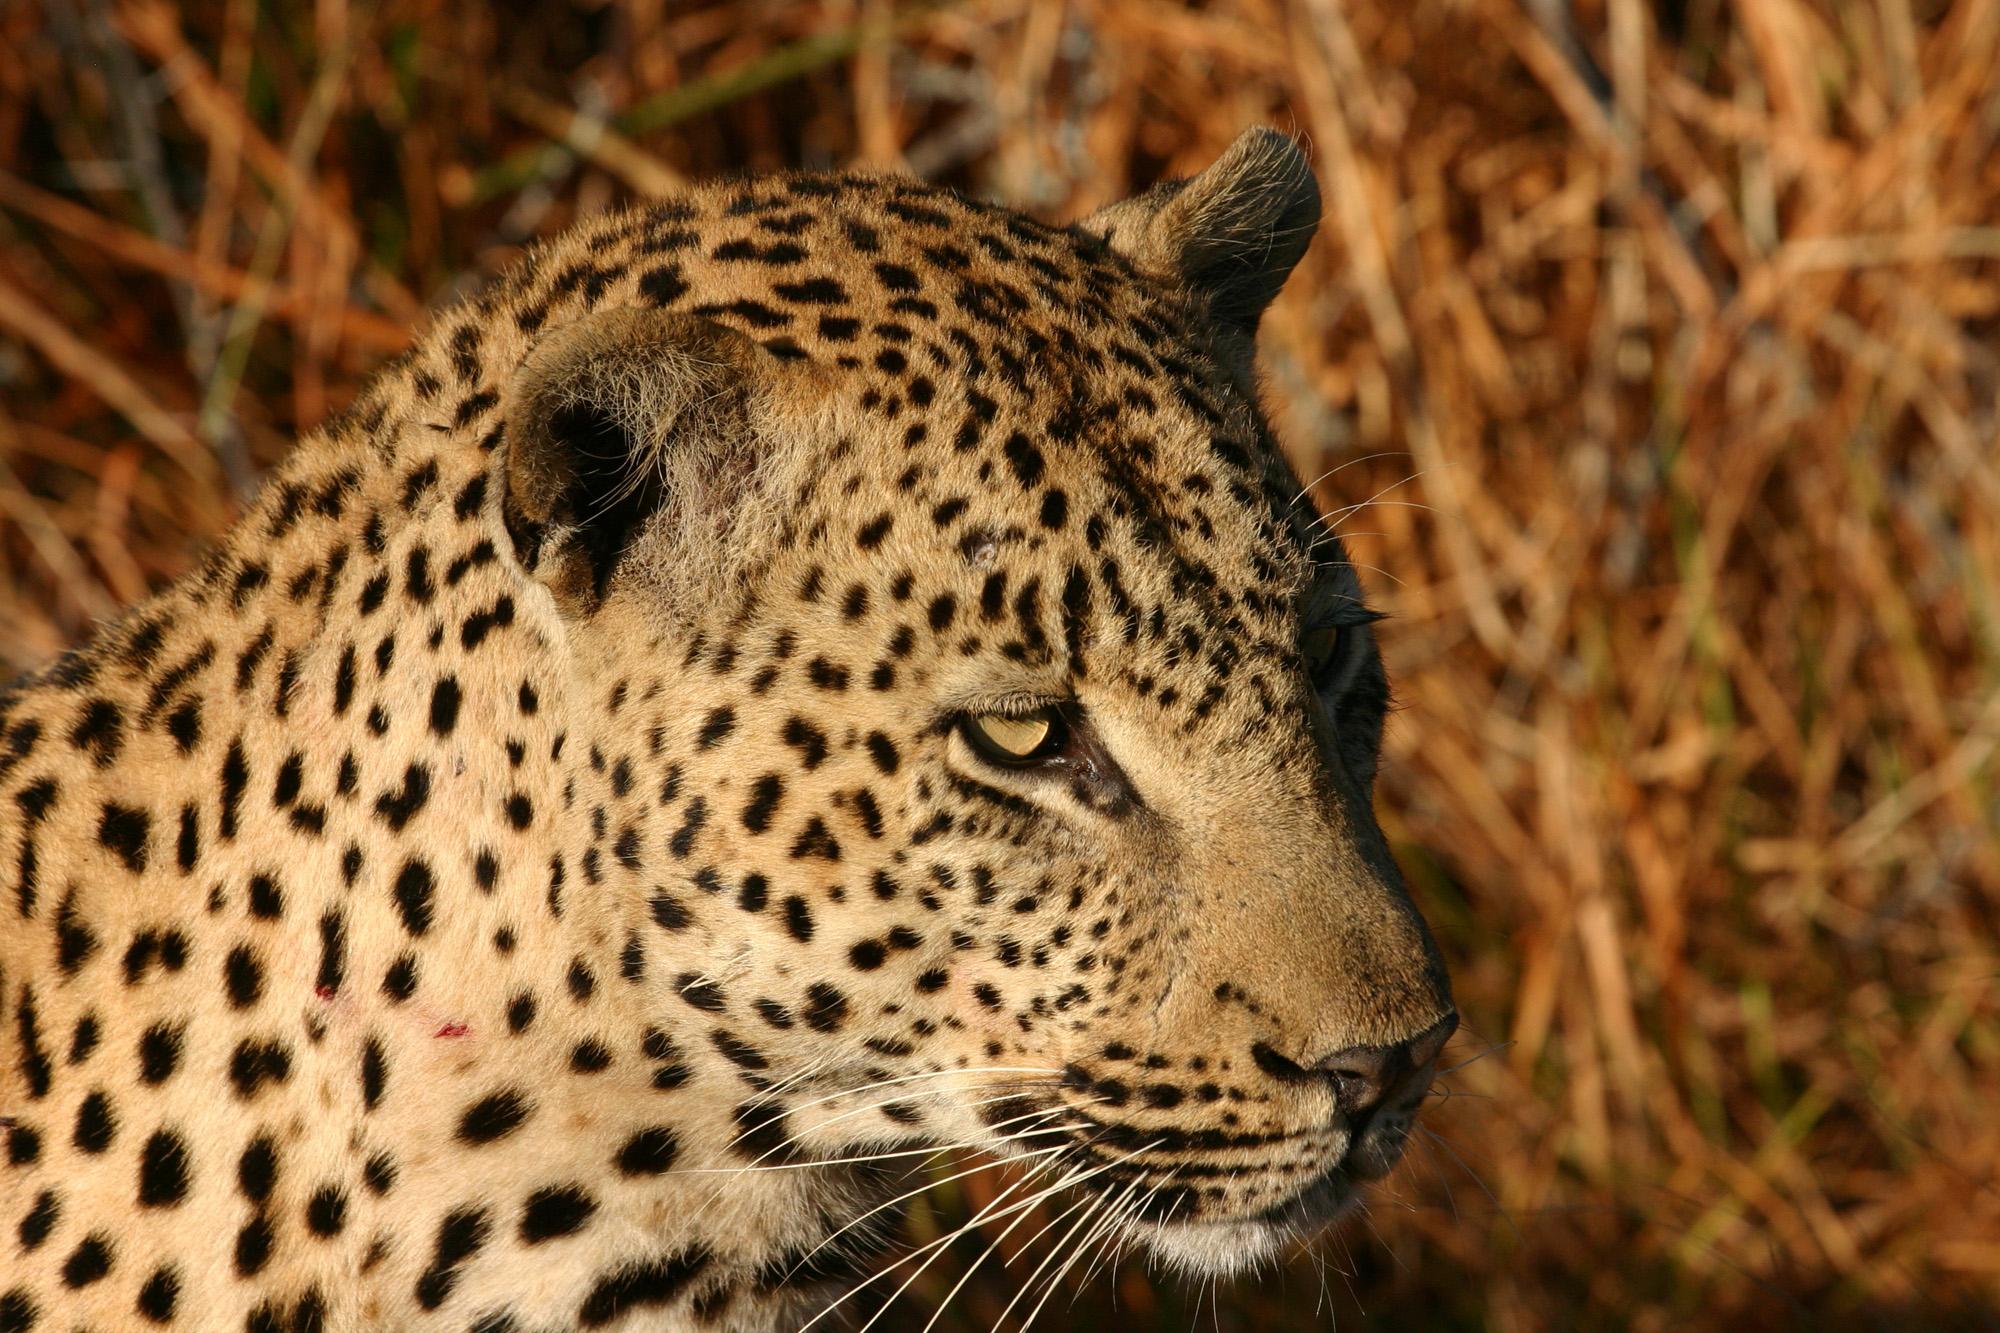 African Leopard Chitwa South Africa Luca Galuzzi 2004